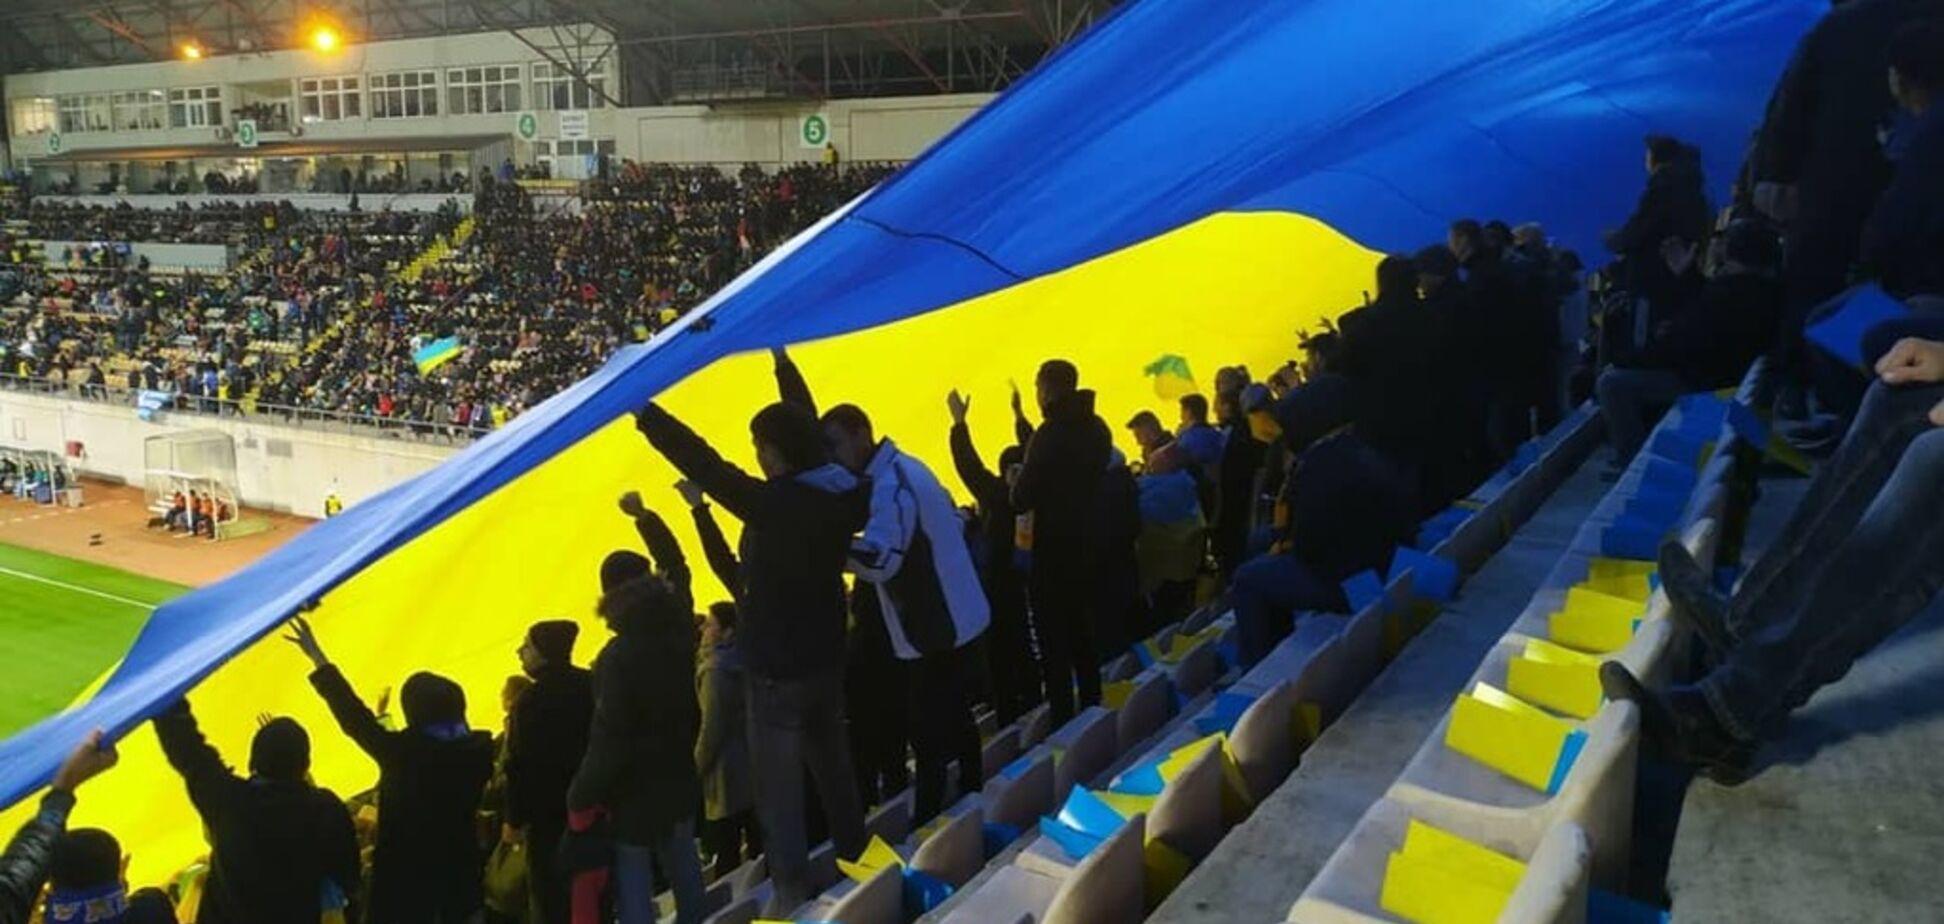 Стадион в Запорожье фантастически исполнил гимн Украины перед матчем сборной